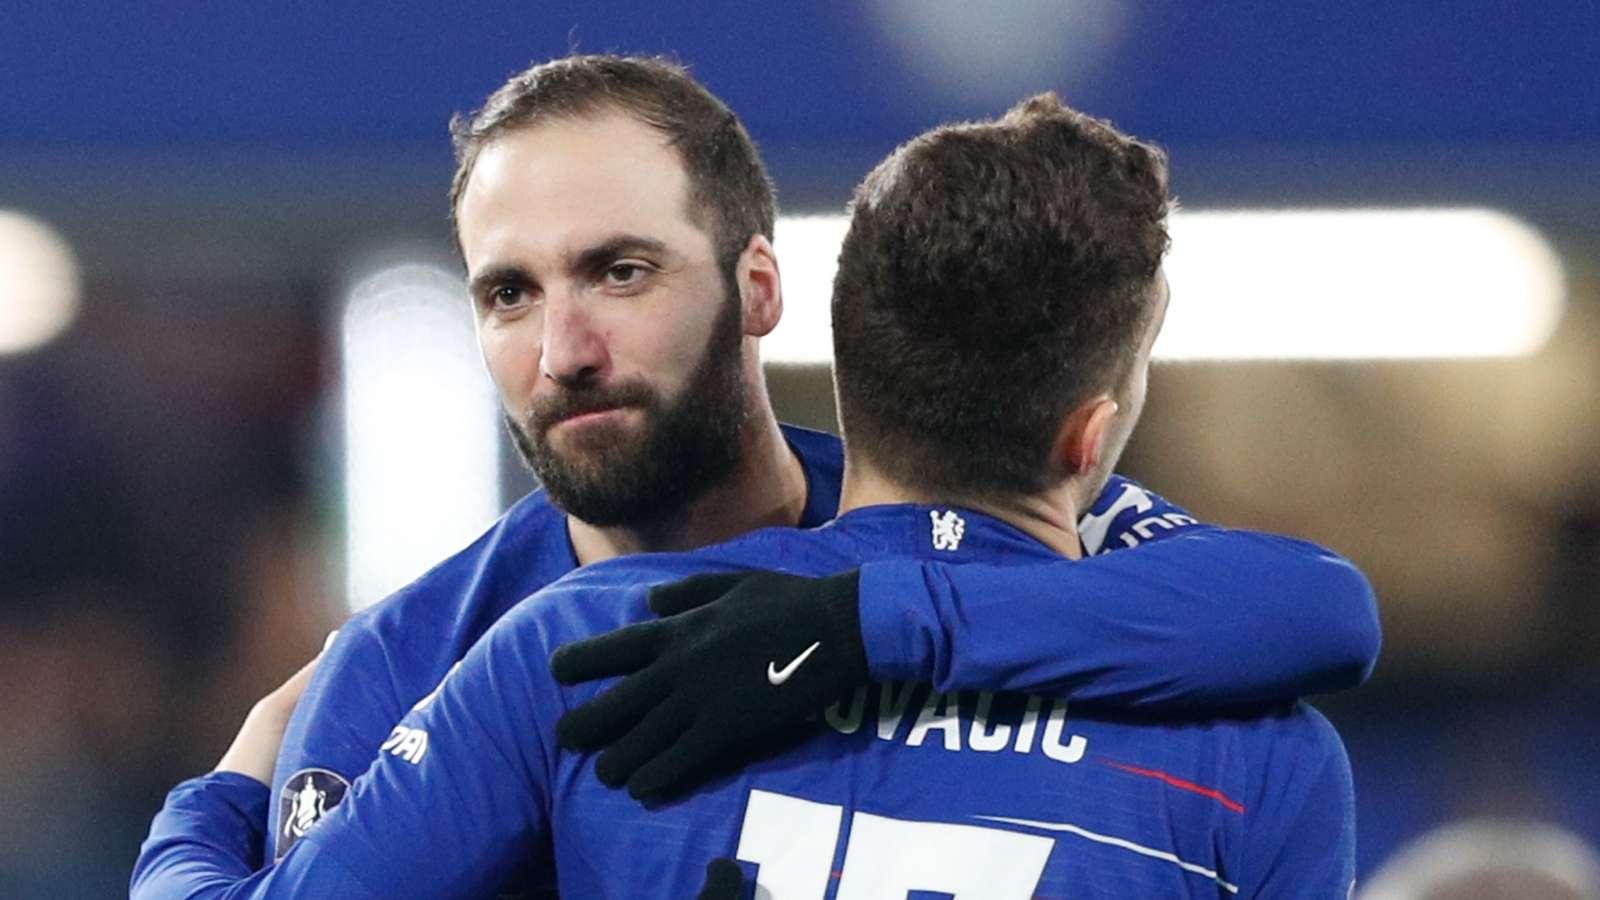 Chelsea can sign Kovacic & Higuain for next season despite transfer ban